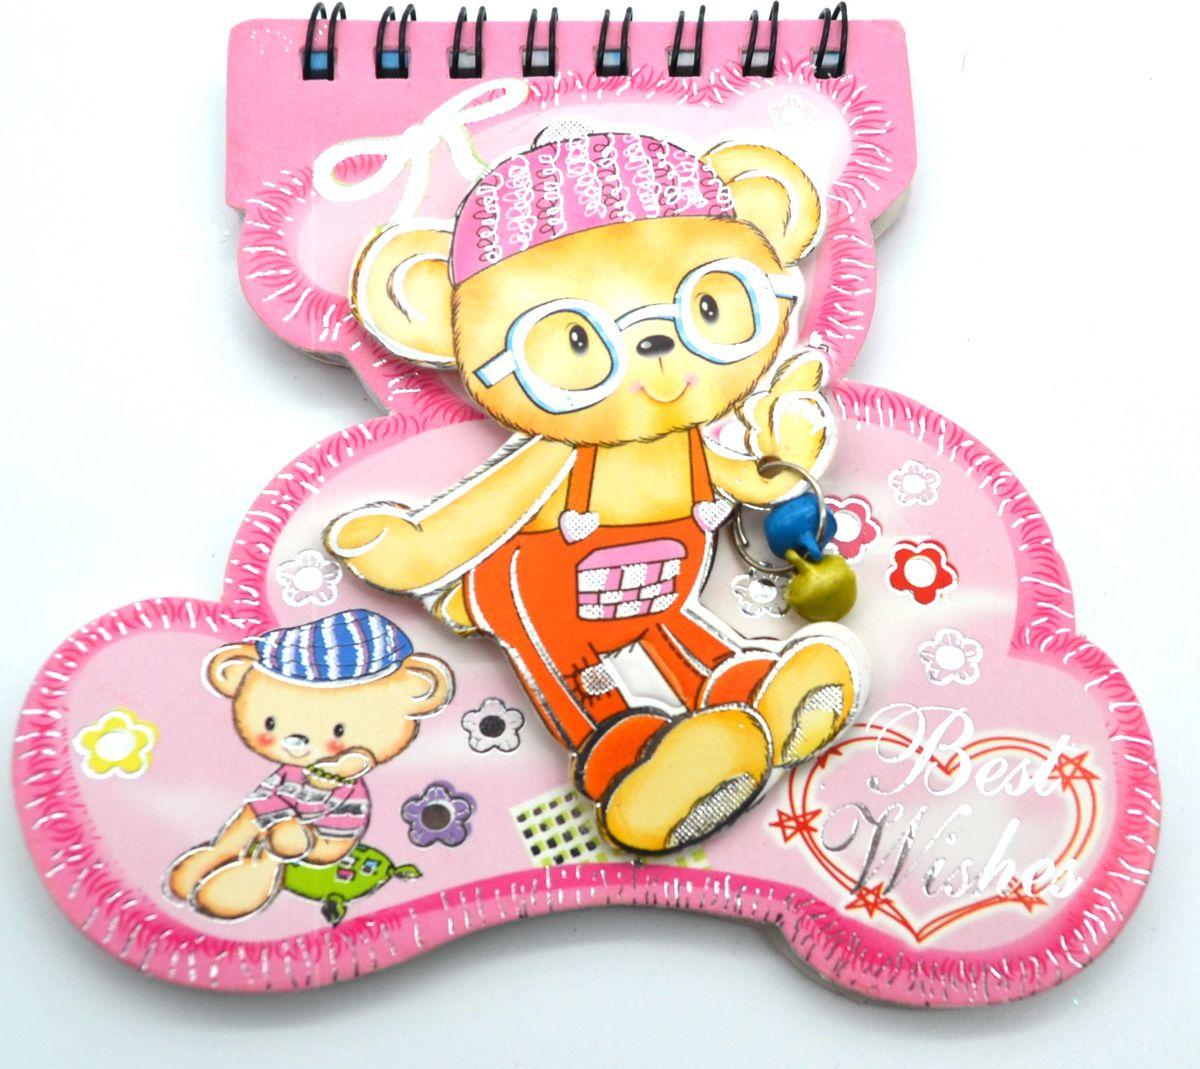 Карамба Блокнот Мишка с бубенчиками 48 листов в линейку цвет розовый 356488108Блокнот Карамба Мишка с бубенчикам на пружине вырублен по форме мишки с объемным изображением мишки с бубенчиками на обложке. Блокнот содержит 48 разлинованных листов в линейку с изображением мишки. Изделие имеет индивидуальную упаковку.